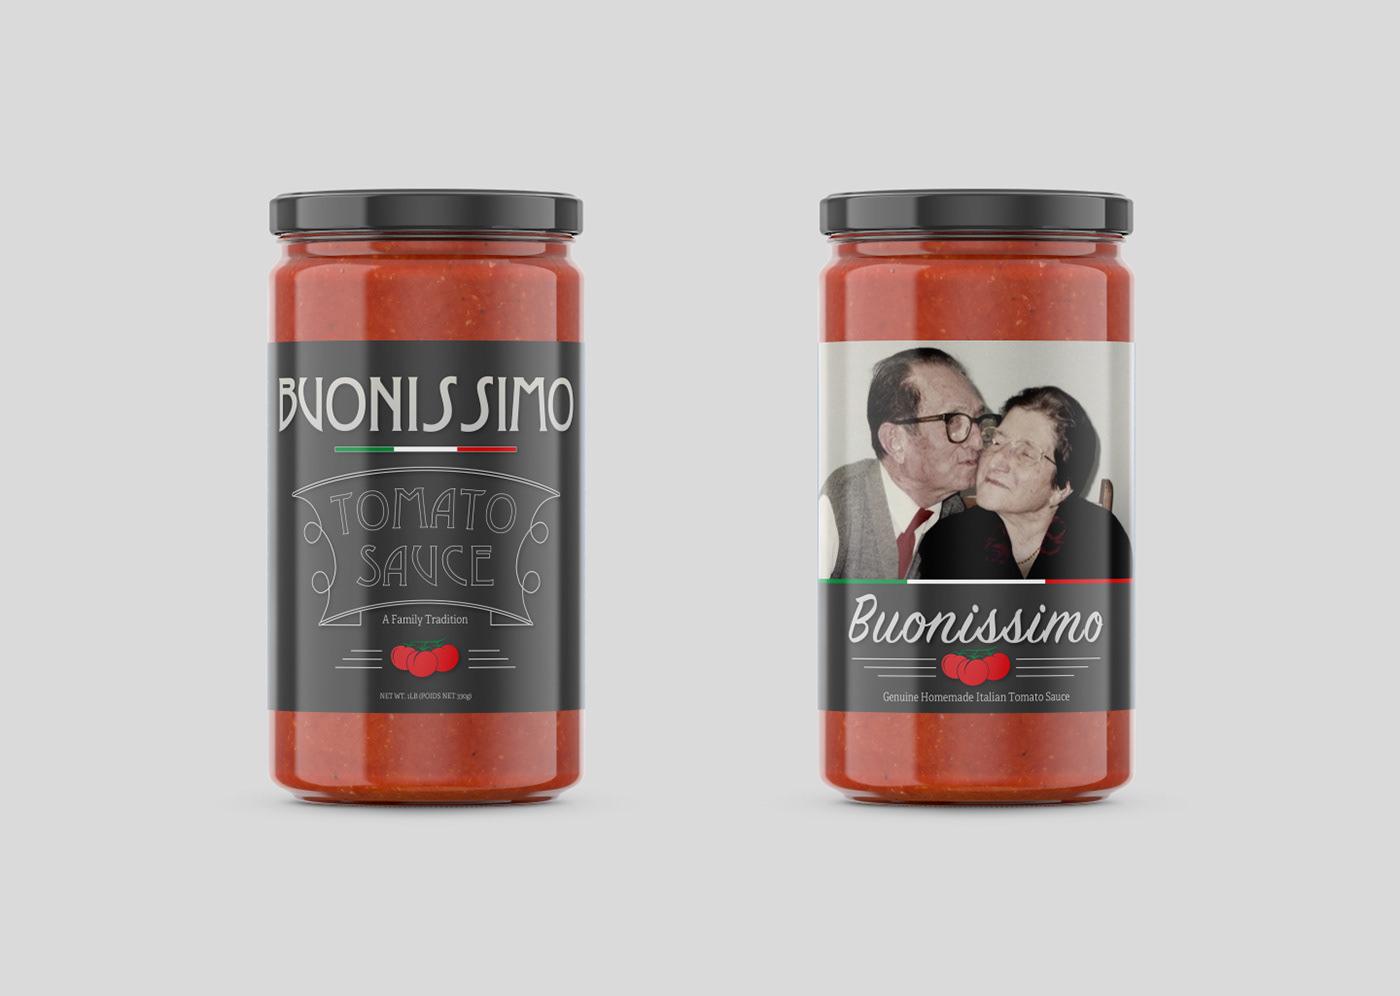 Label label design graphic design  tomato sauce Mockup jar mockup tomato sauce jar Buonissimo